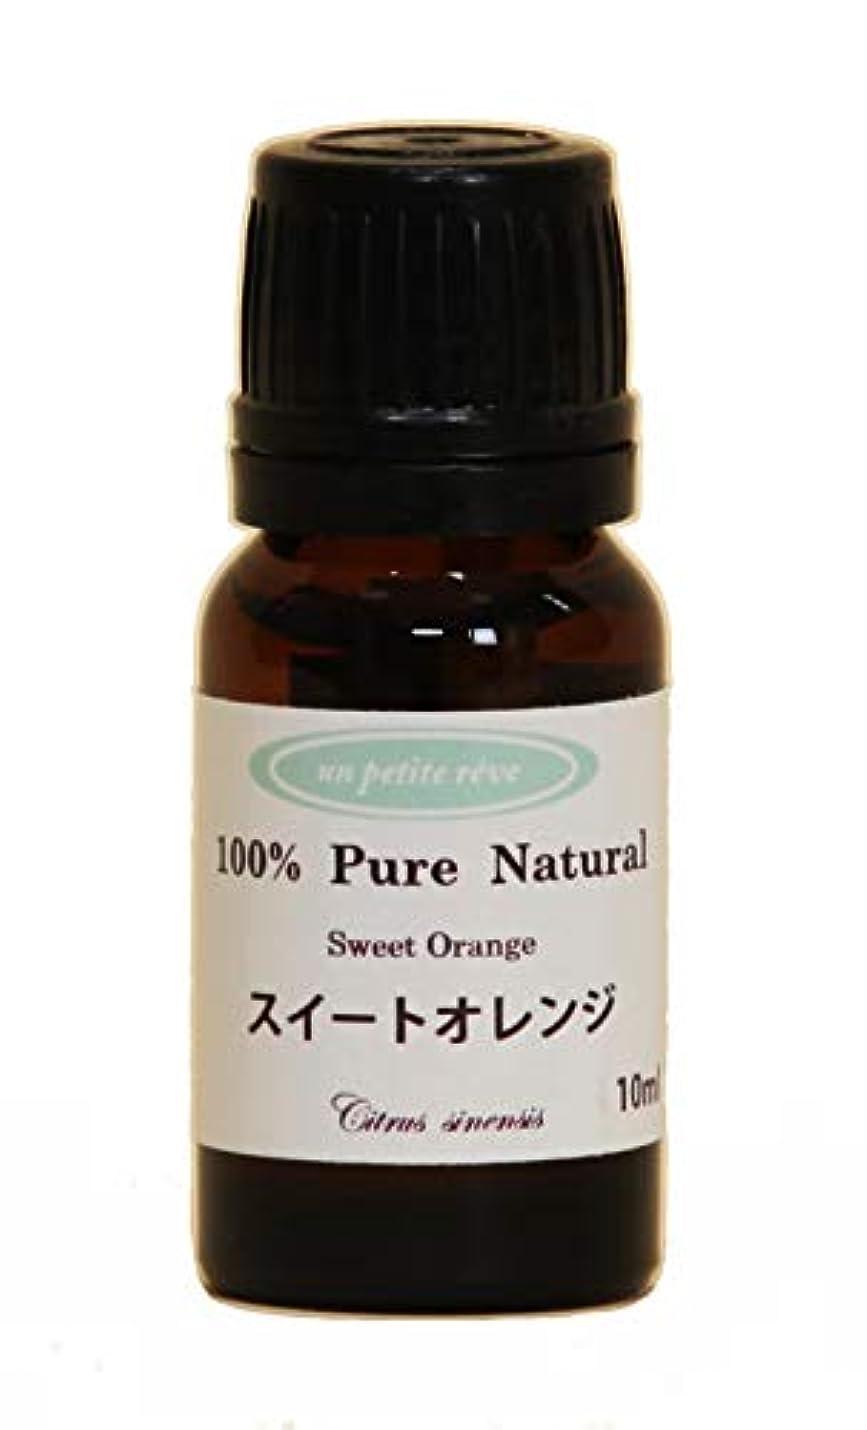 スイートオレンジ 10ml 100%天然アロマエッセンシャルオイル(精油)